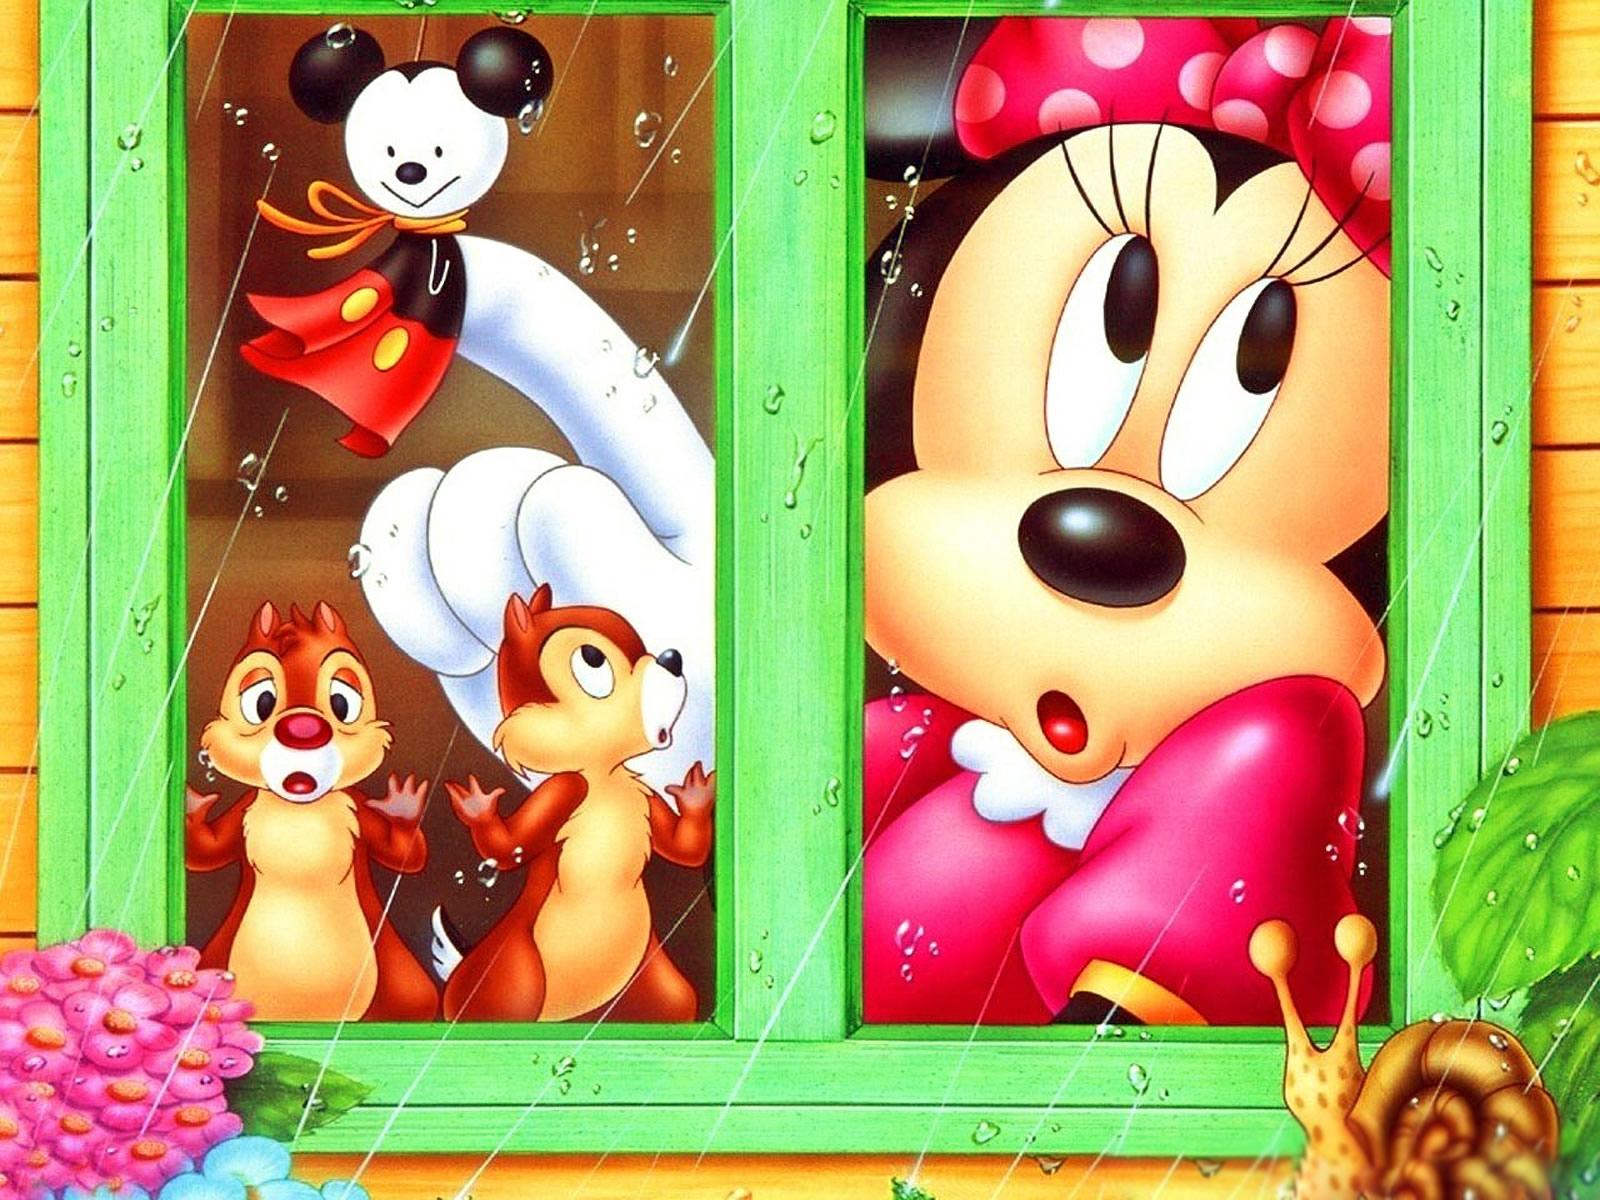 Minnie con Chip y Chop